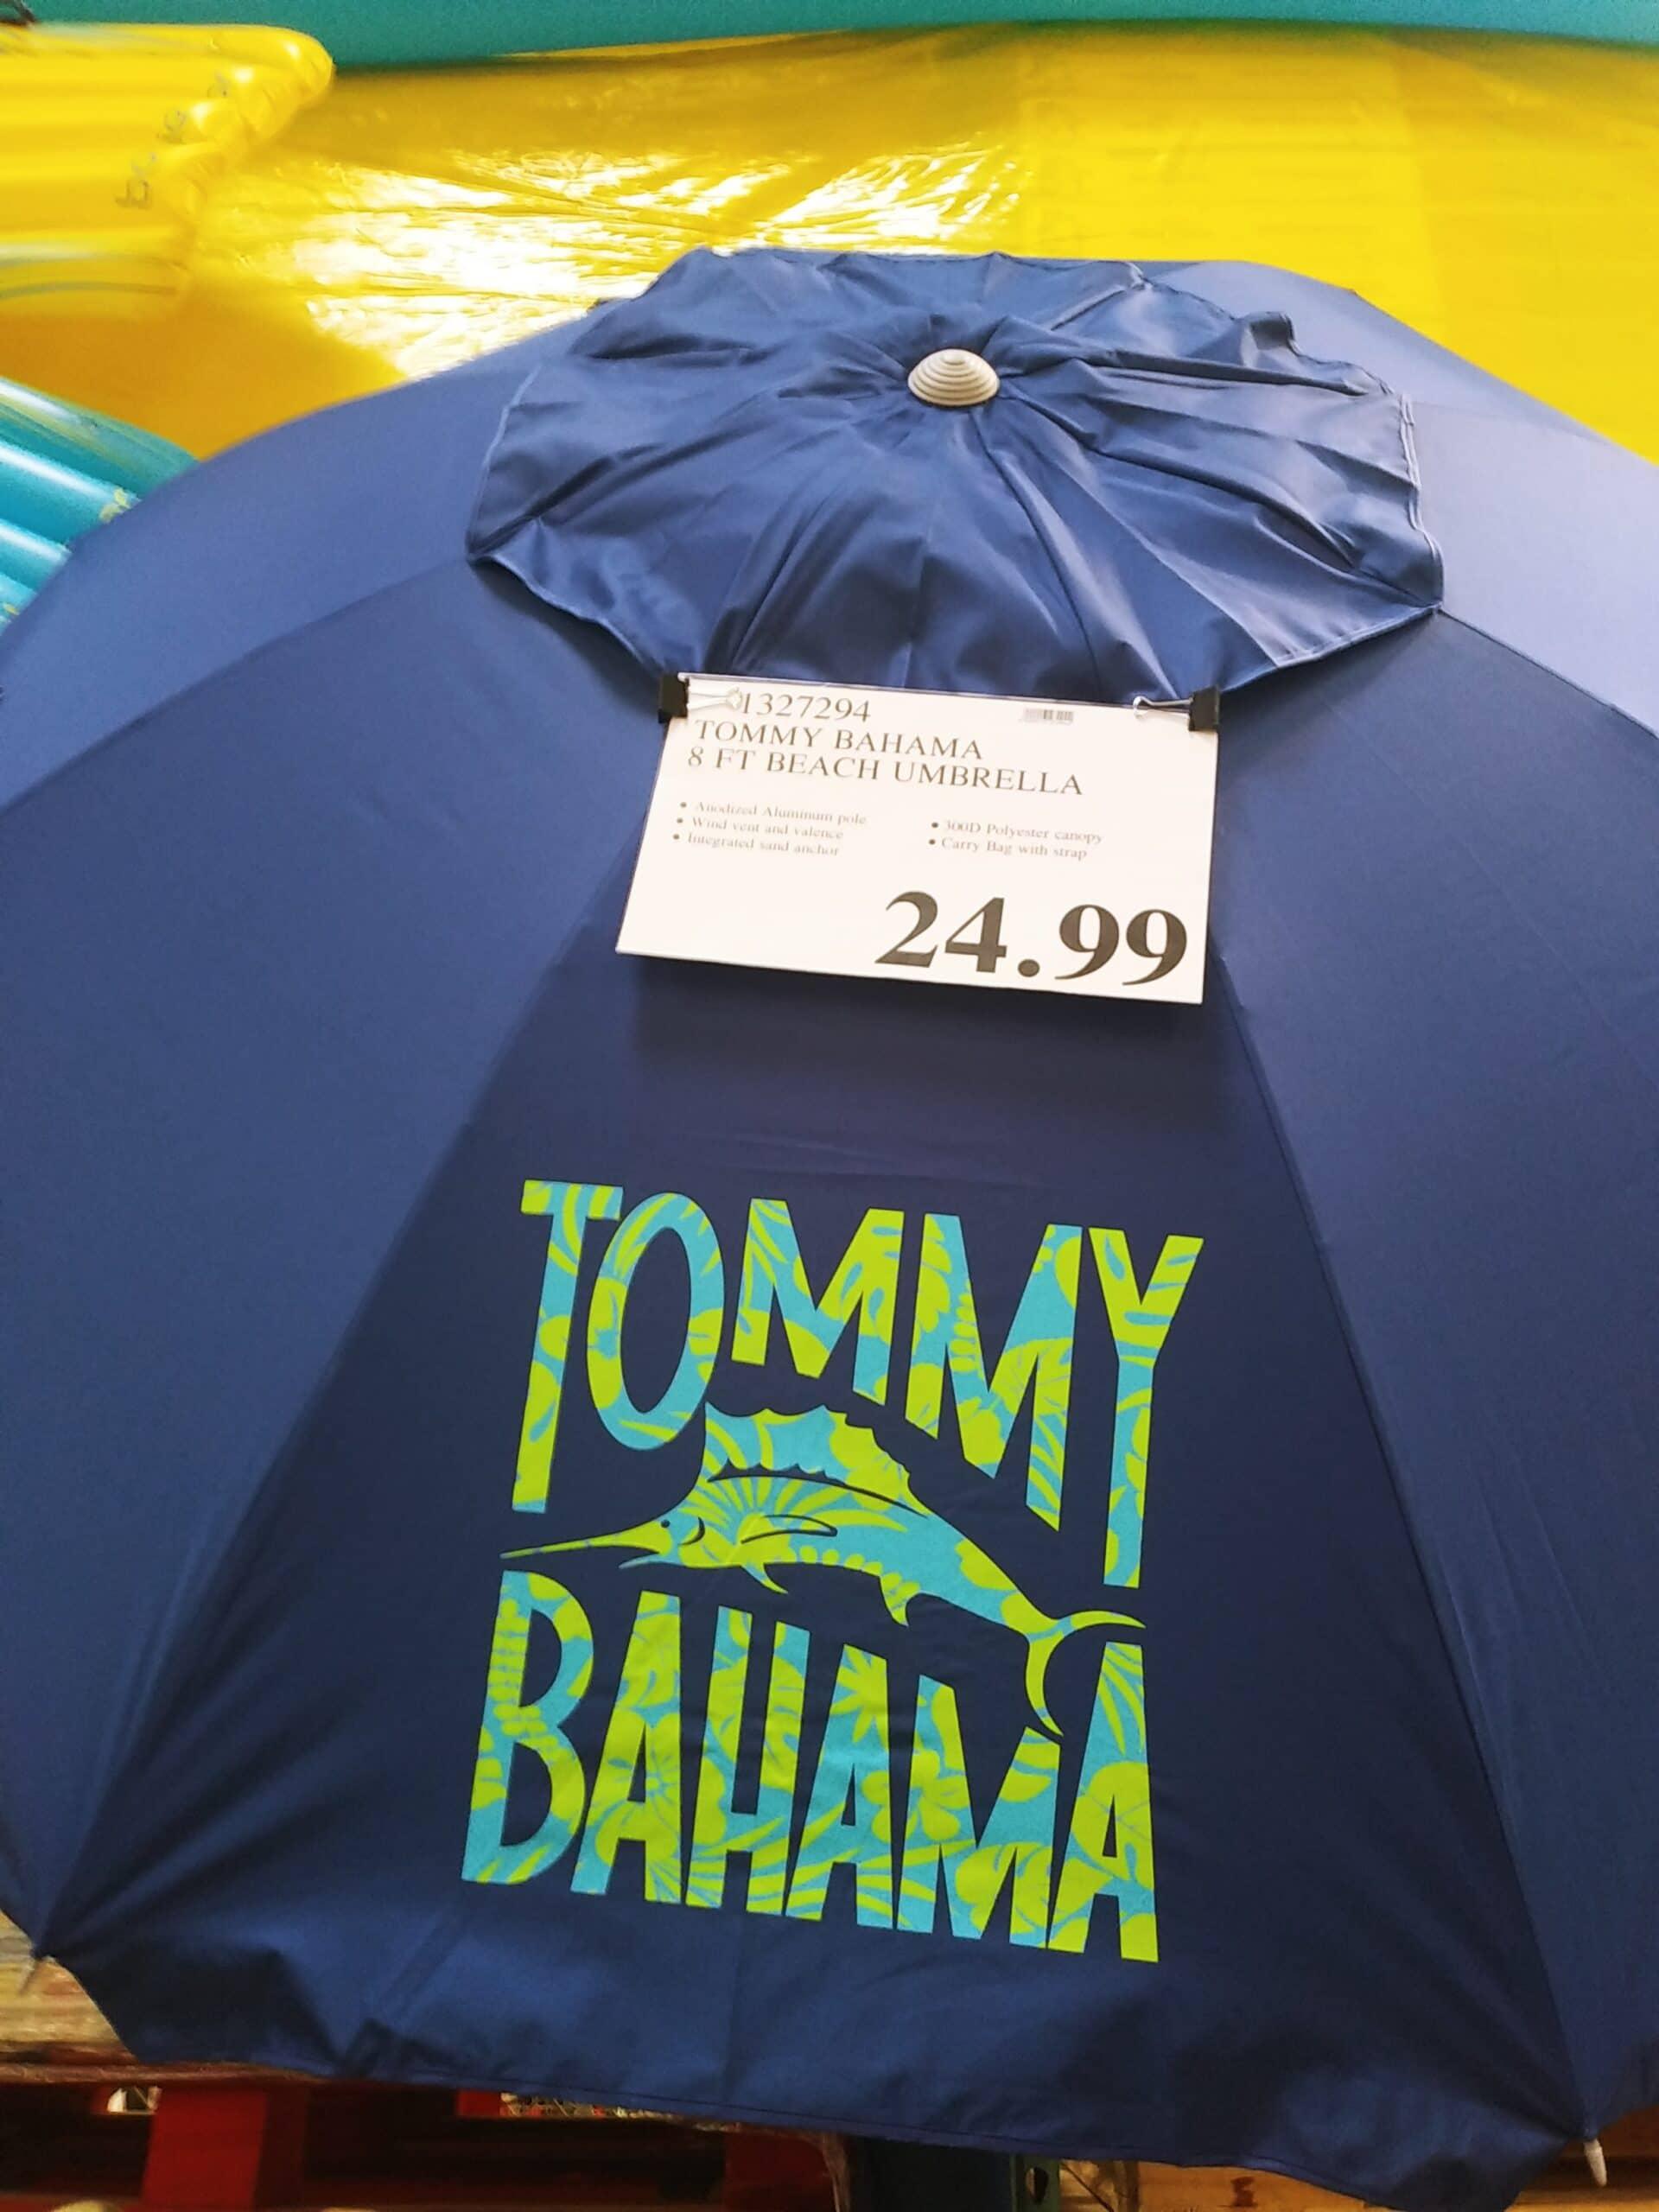 Tommy Bahama 8ft Beach Umbrella $24.99